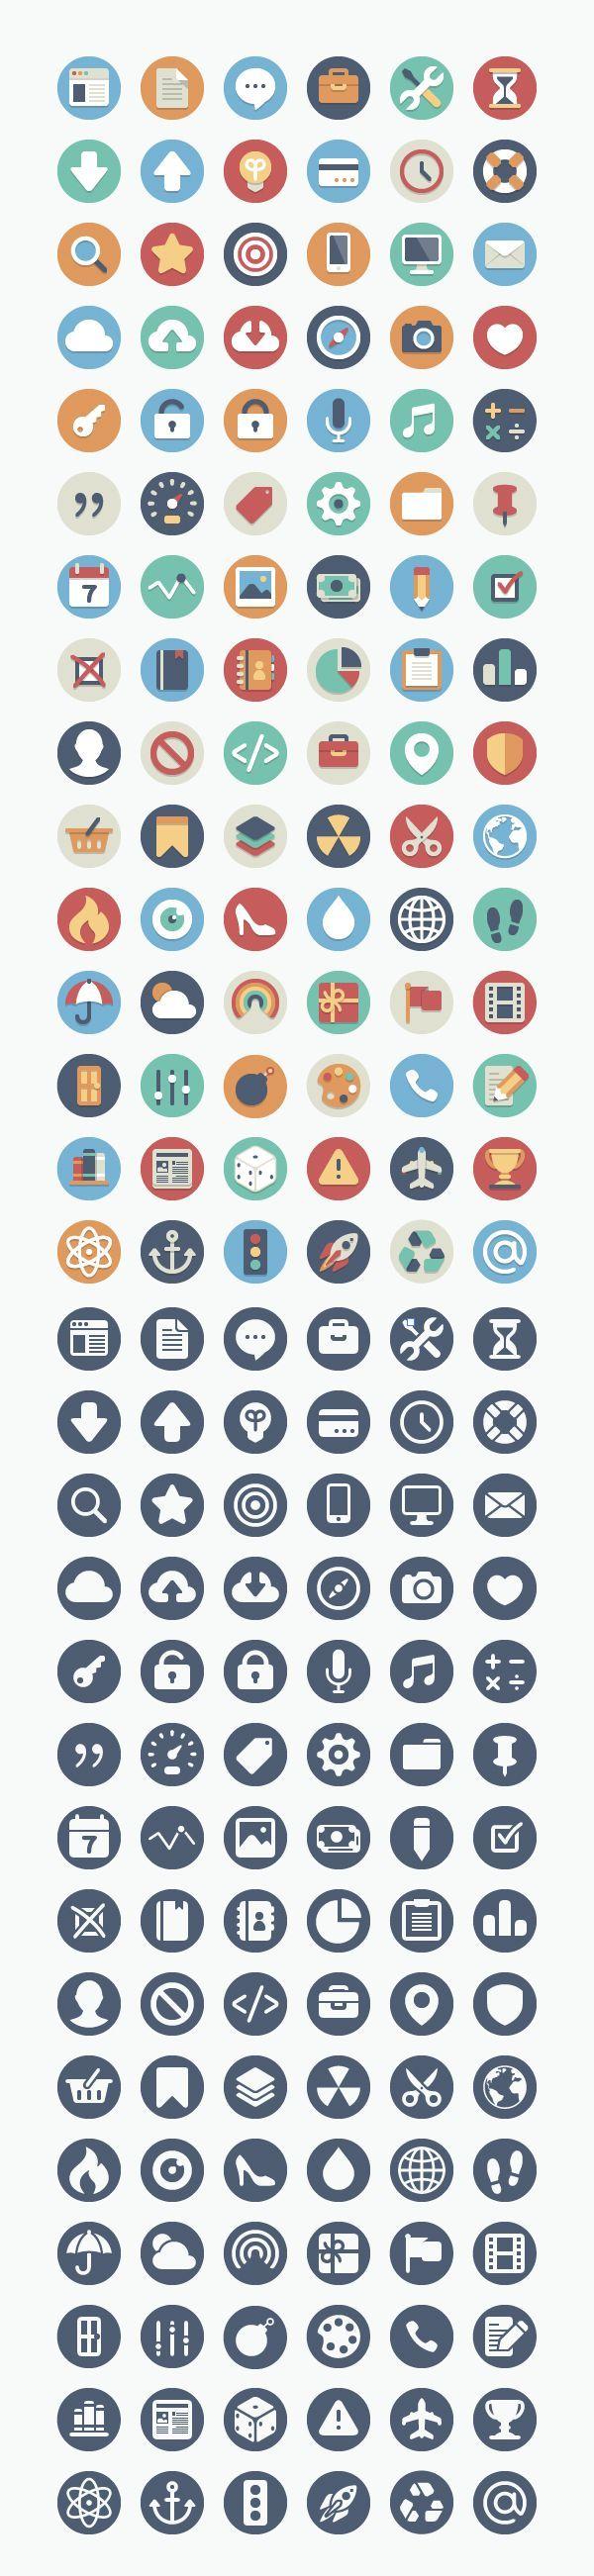 Sehr schönes IconSet für schulische Projekte (können auch